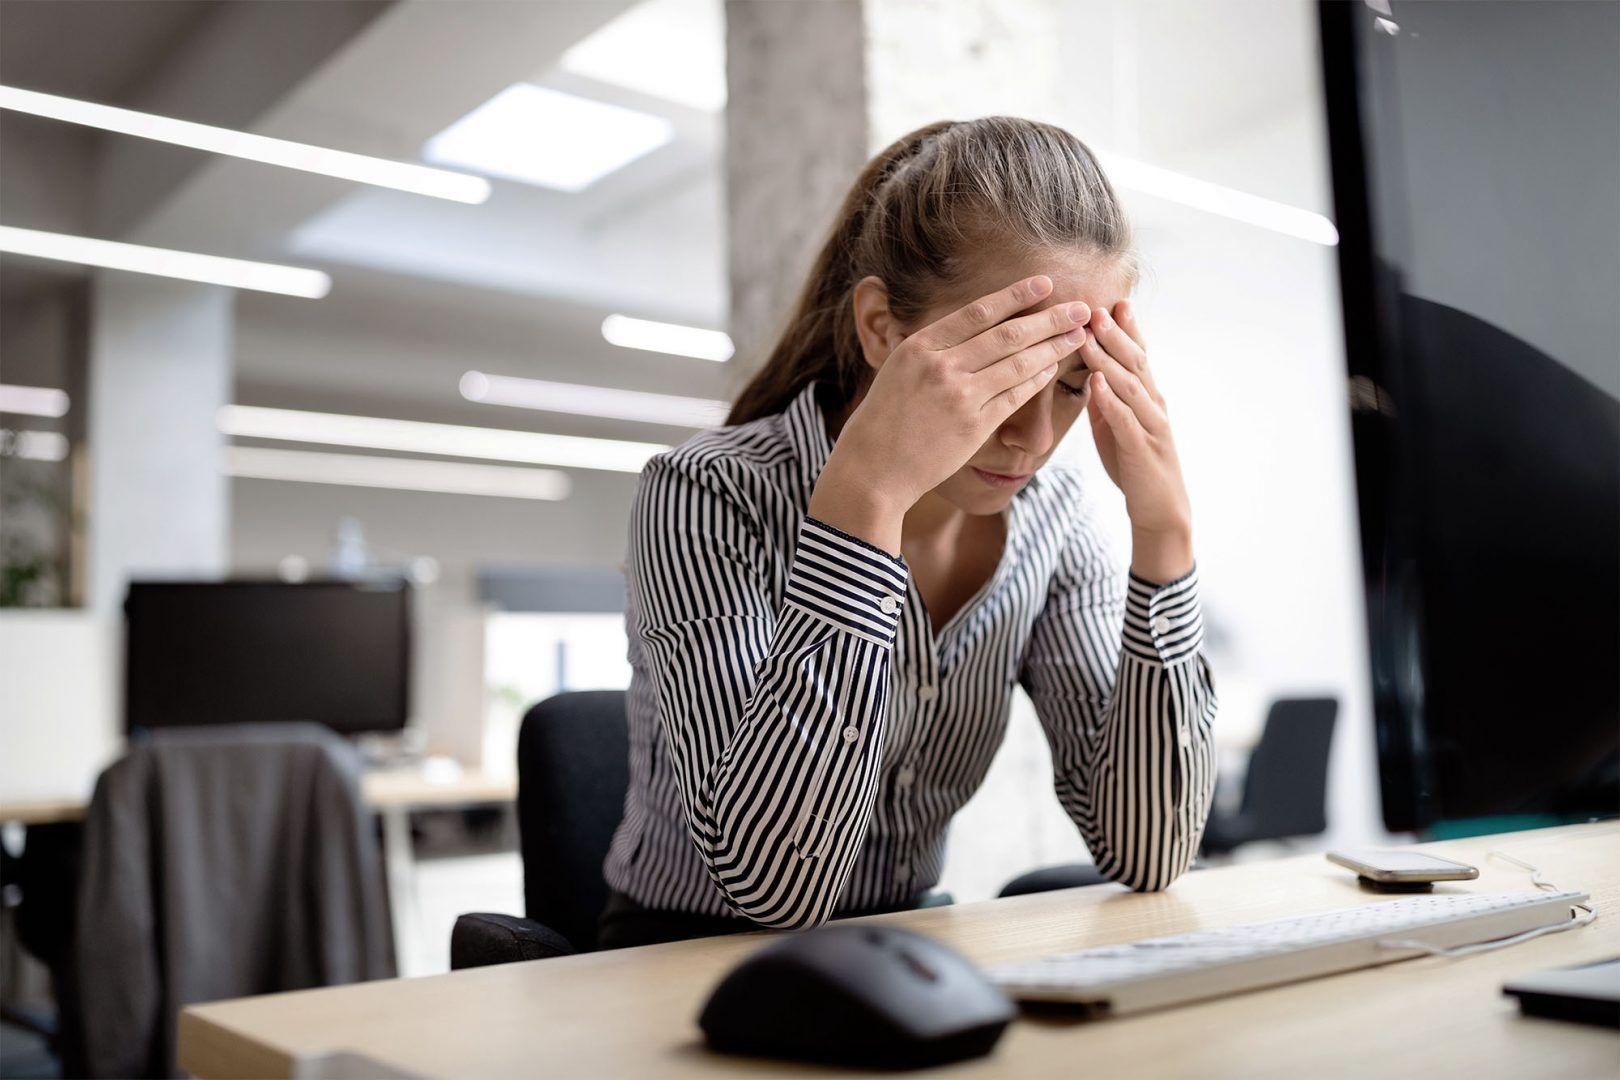 Mulher analista contadora, realizando o fechamento contábil em planilhas